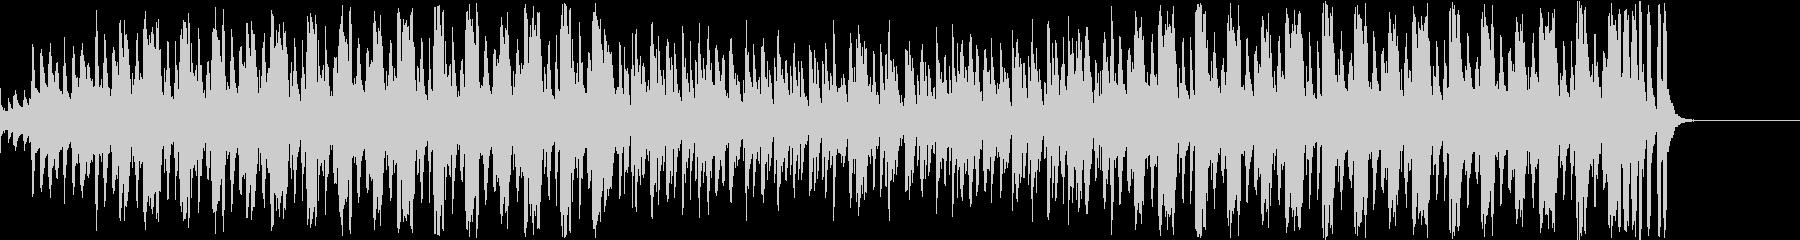 マリンバソロの大人なビッグバンドサウンドの未再生の波形